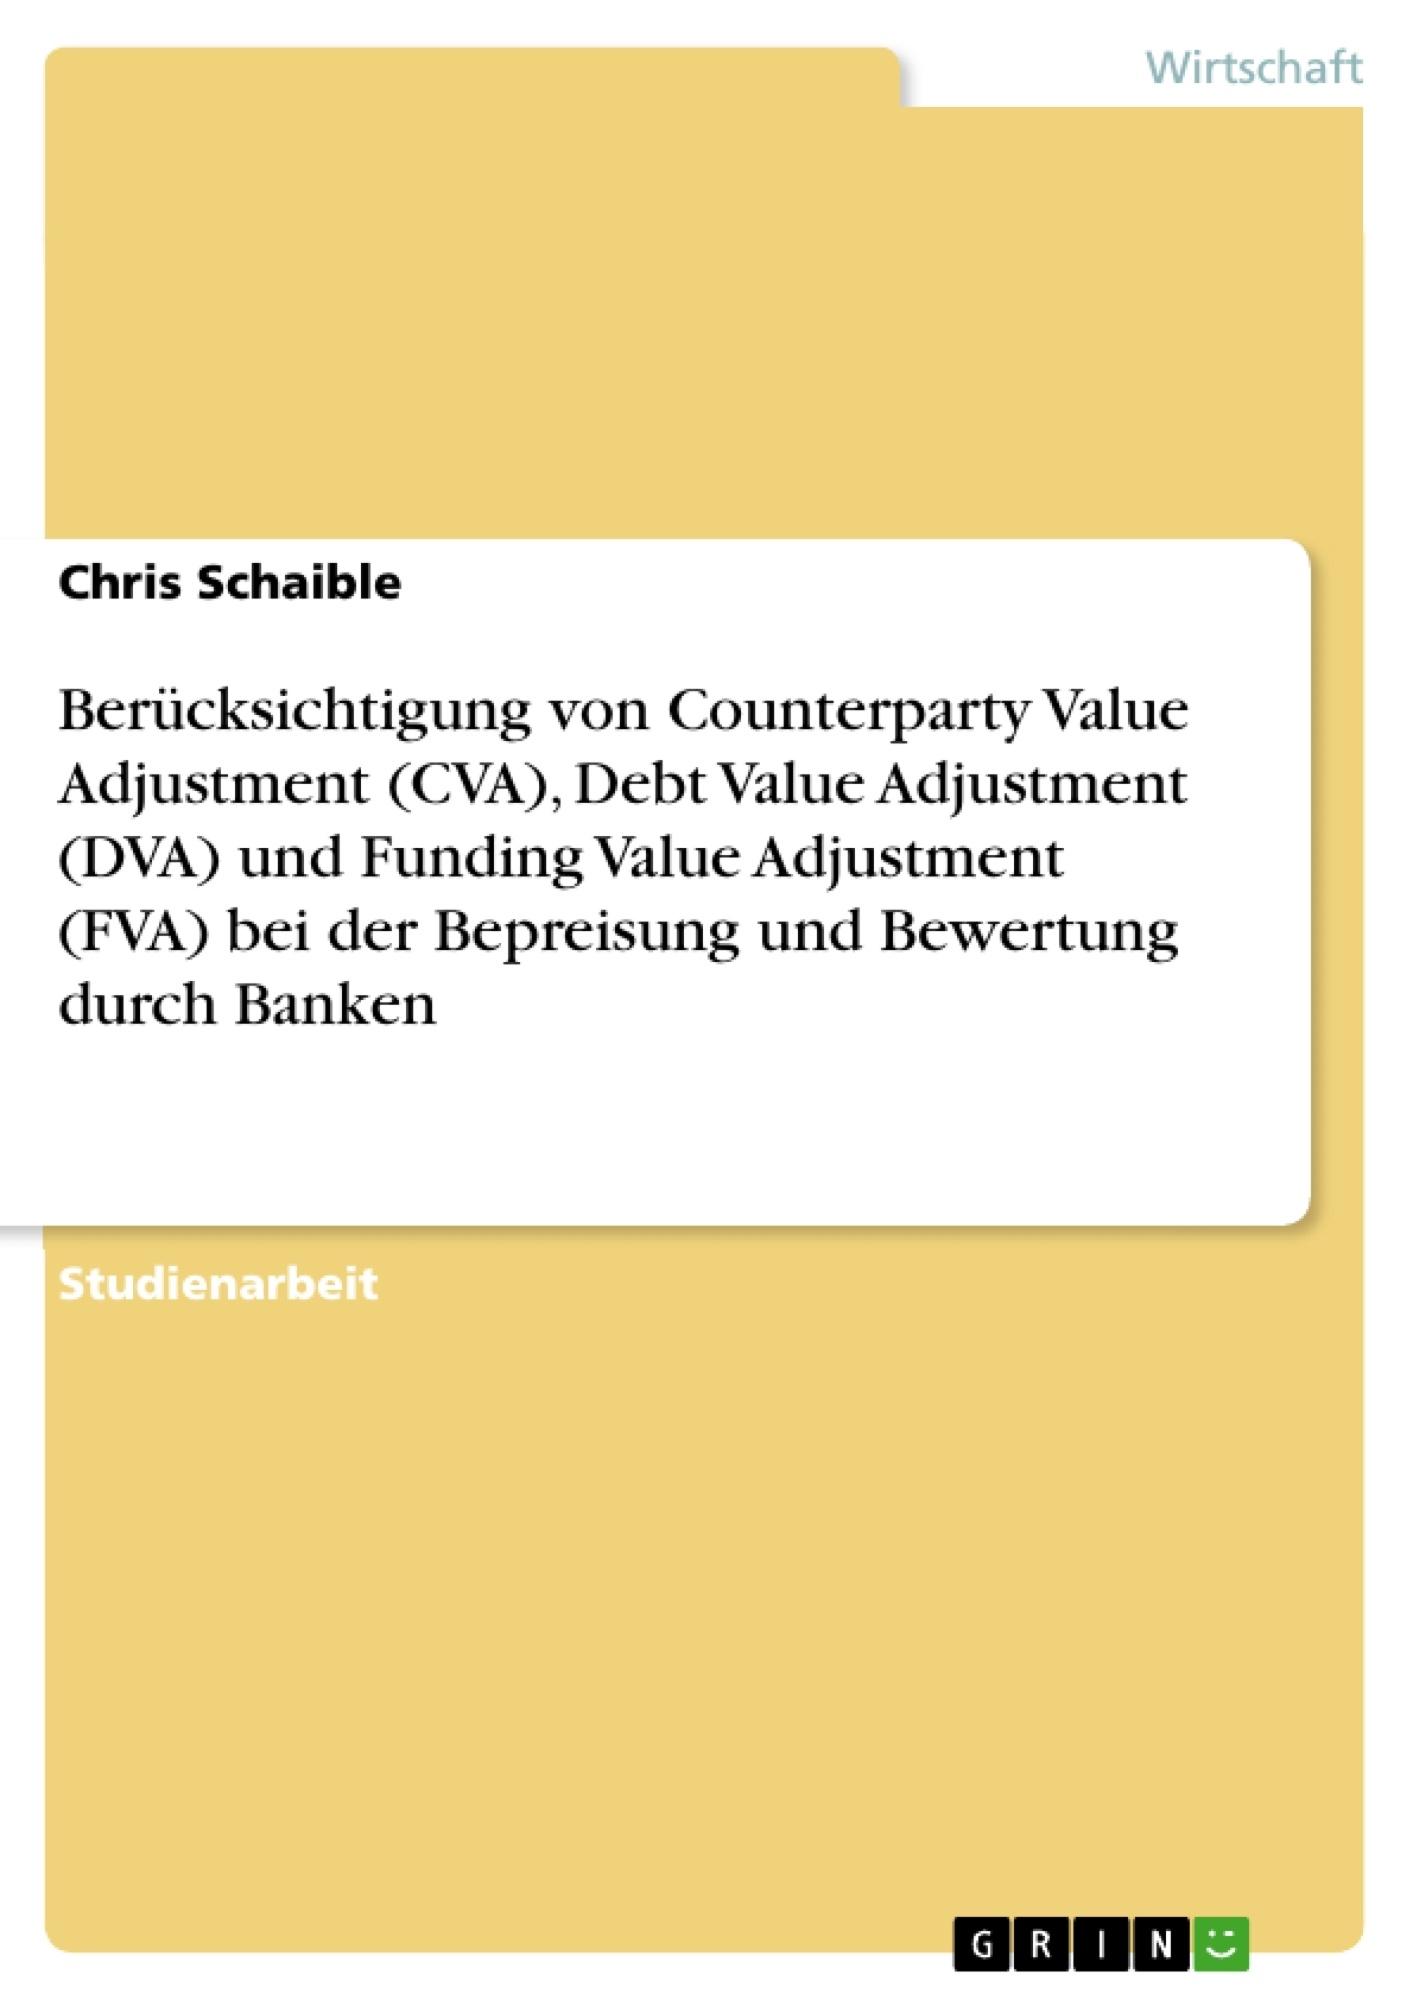 Titel: Berücksichtigung von Counterparty Value Adjustment (CVA), Debt Value Adjustment (DVA) und Funding Value Adjustment (FVA) bei der Bepreisung und Bewertung durch Banken